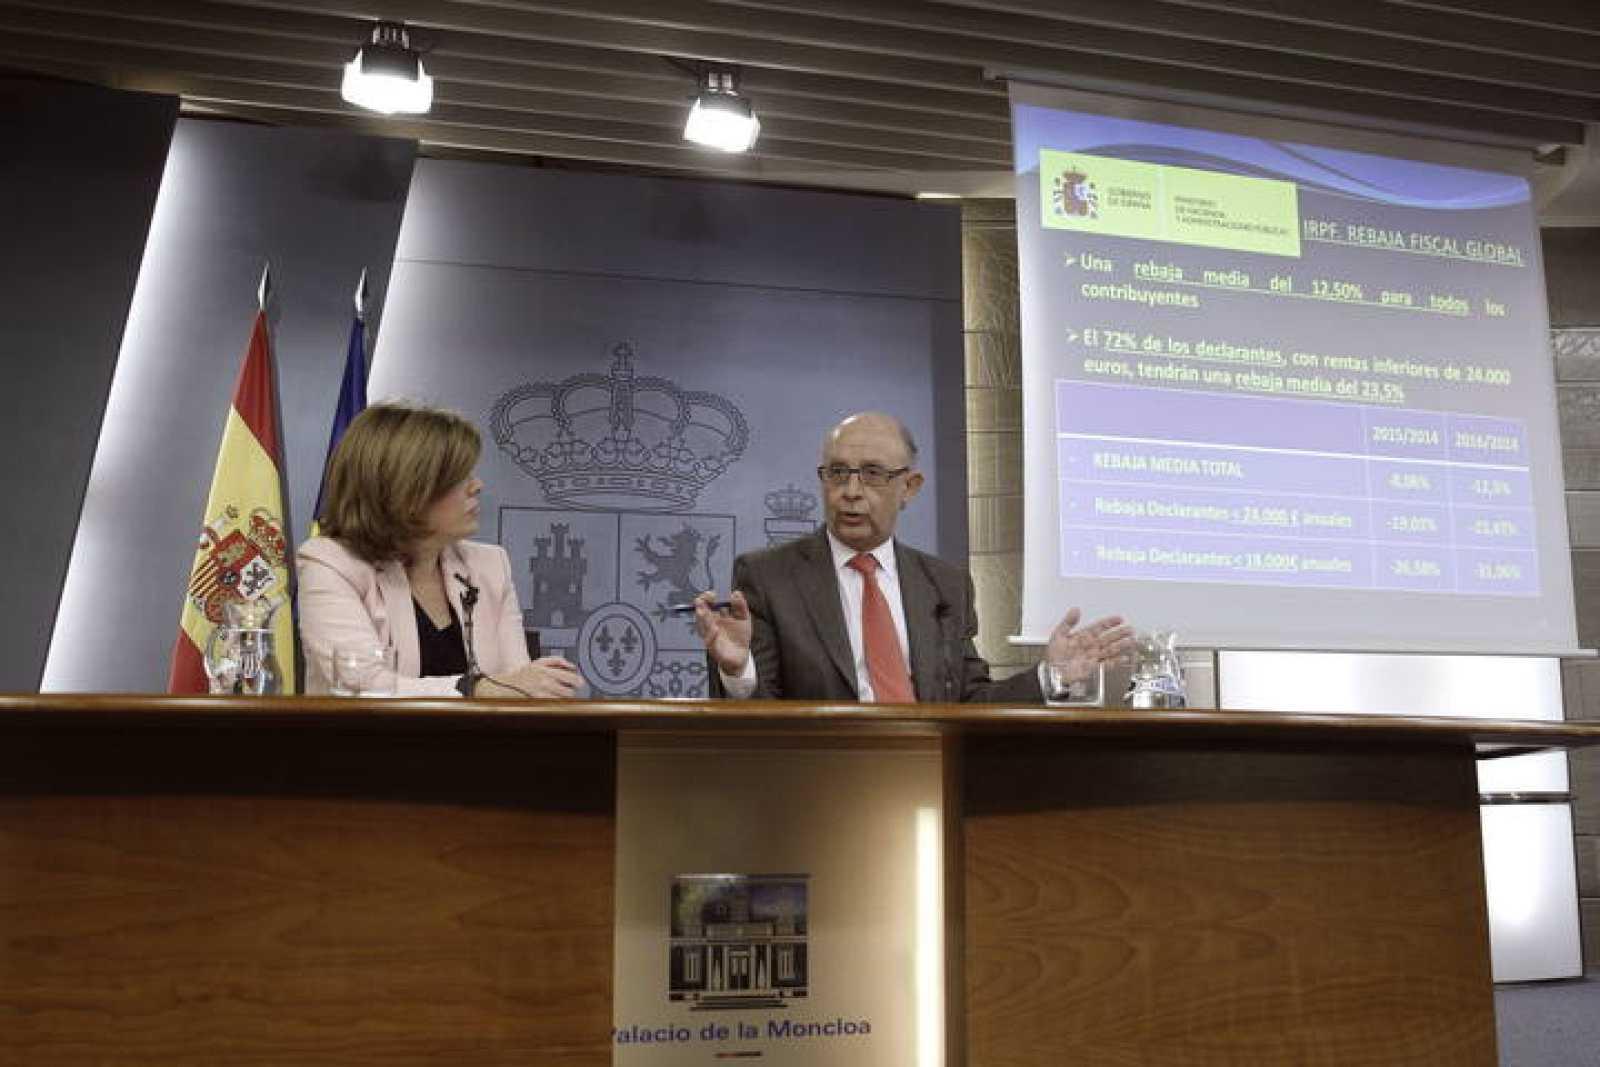 La vicepresidenta del Gobierno, Soraya Sáenz de Santamaría, y el ministro de Hacienda, Cristóbal Montoro, durante la rueda de prensa tras la reunión del Consejo de Ministros que ha aprobado la reforma fiscal